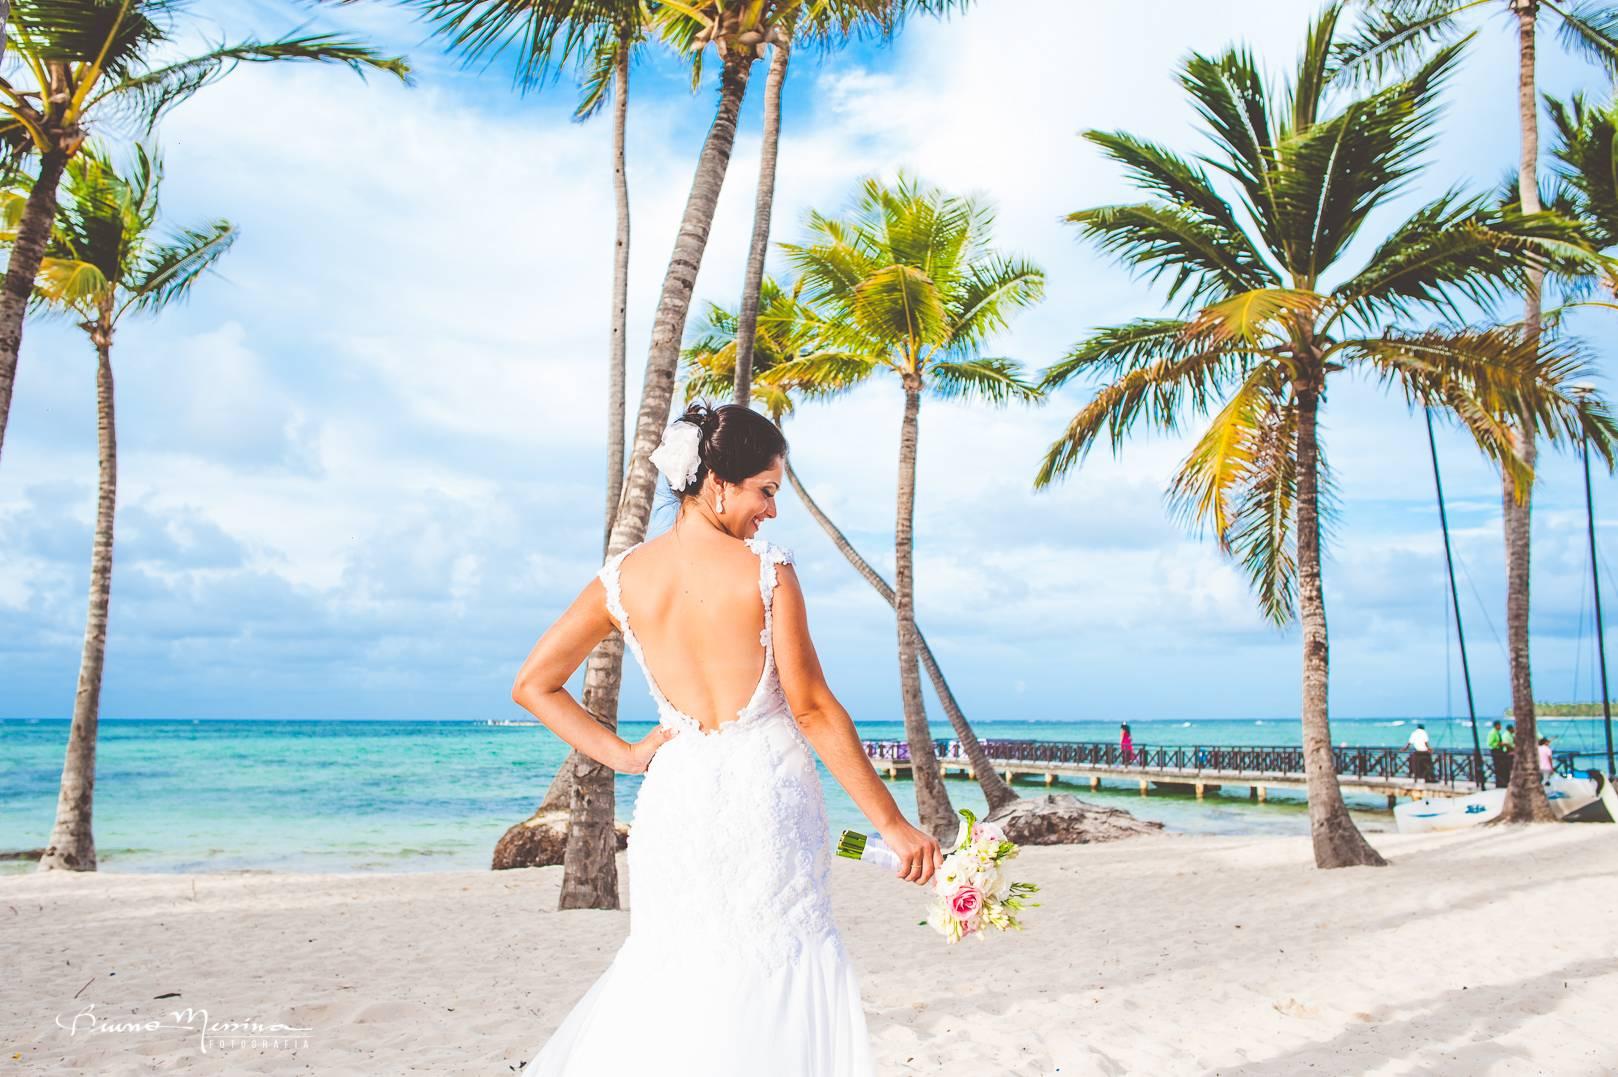 Casamento-em-Punta-Cana-30